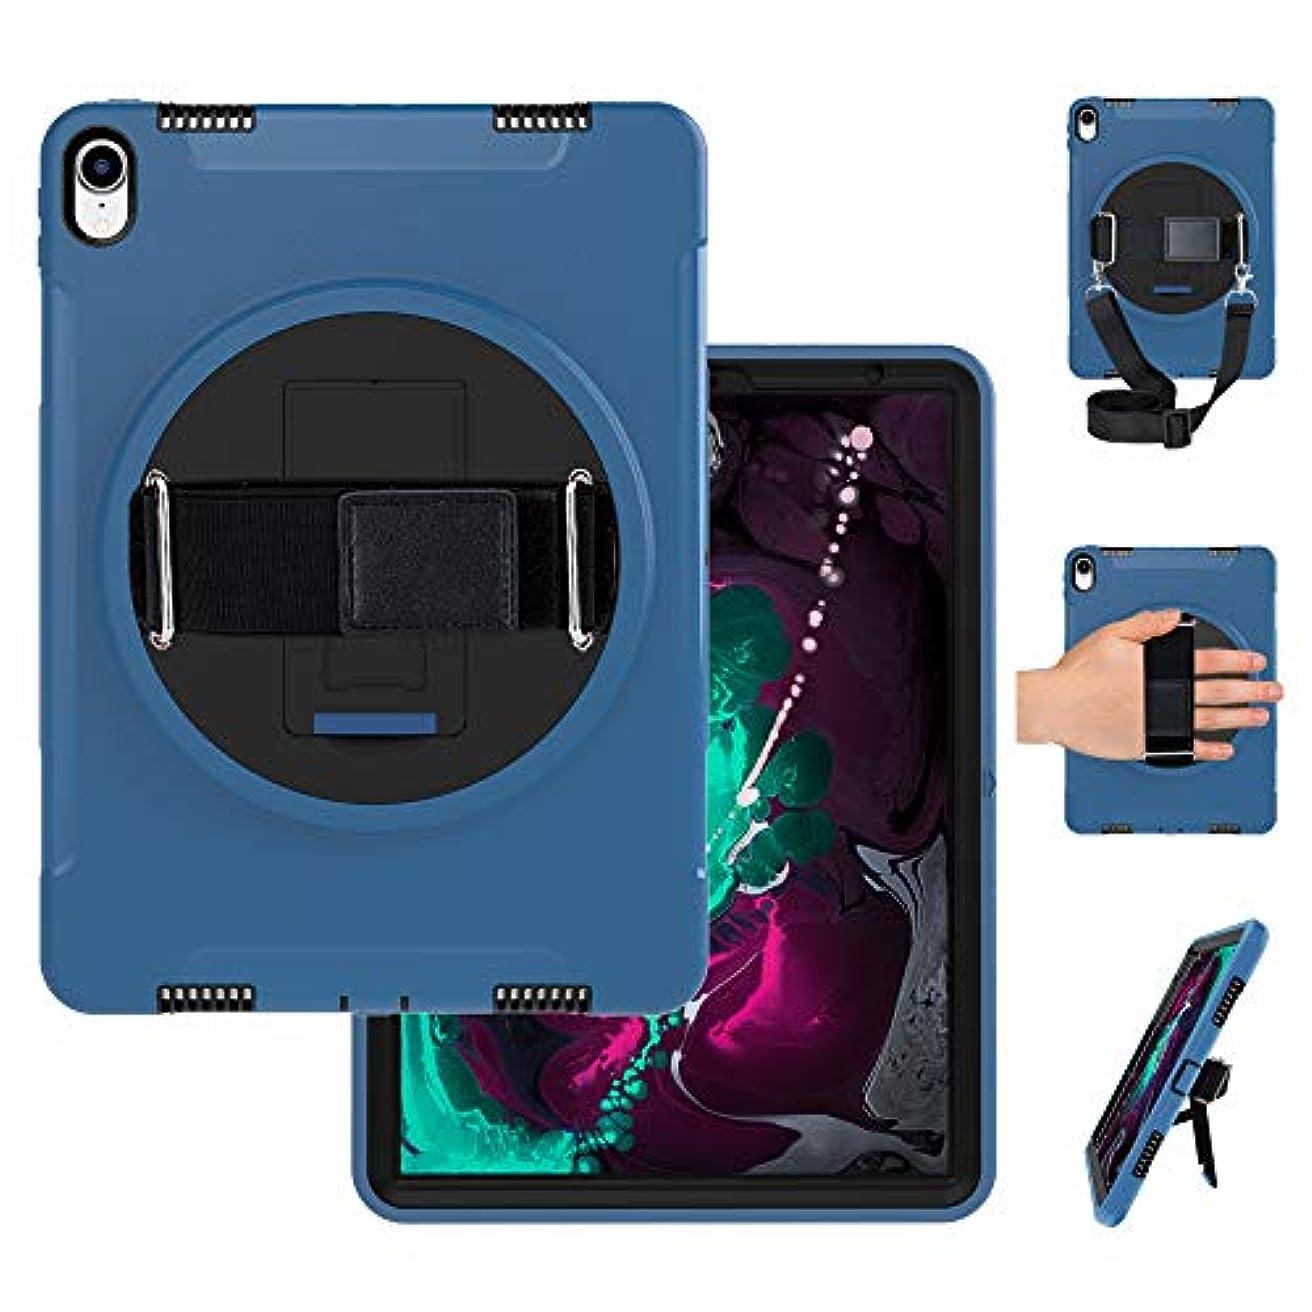 橋脚年齢ラリーMiesherk iPad Pro 11 2018 ケース pcハードケースと 三層保護 頑丈 耐衝撃 防塵 キックスタンド付き ハンド ホルダー 片手 360度 回転 ショルダーストラップ ナイロン製 子供 11インチ iPad Pro 2018 保護 ケース カバー スタンド/ハンドストラップ/ショルダースト ブラック